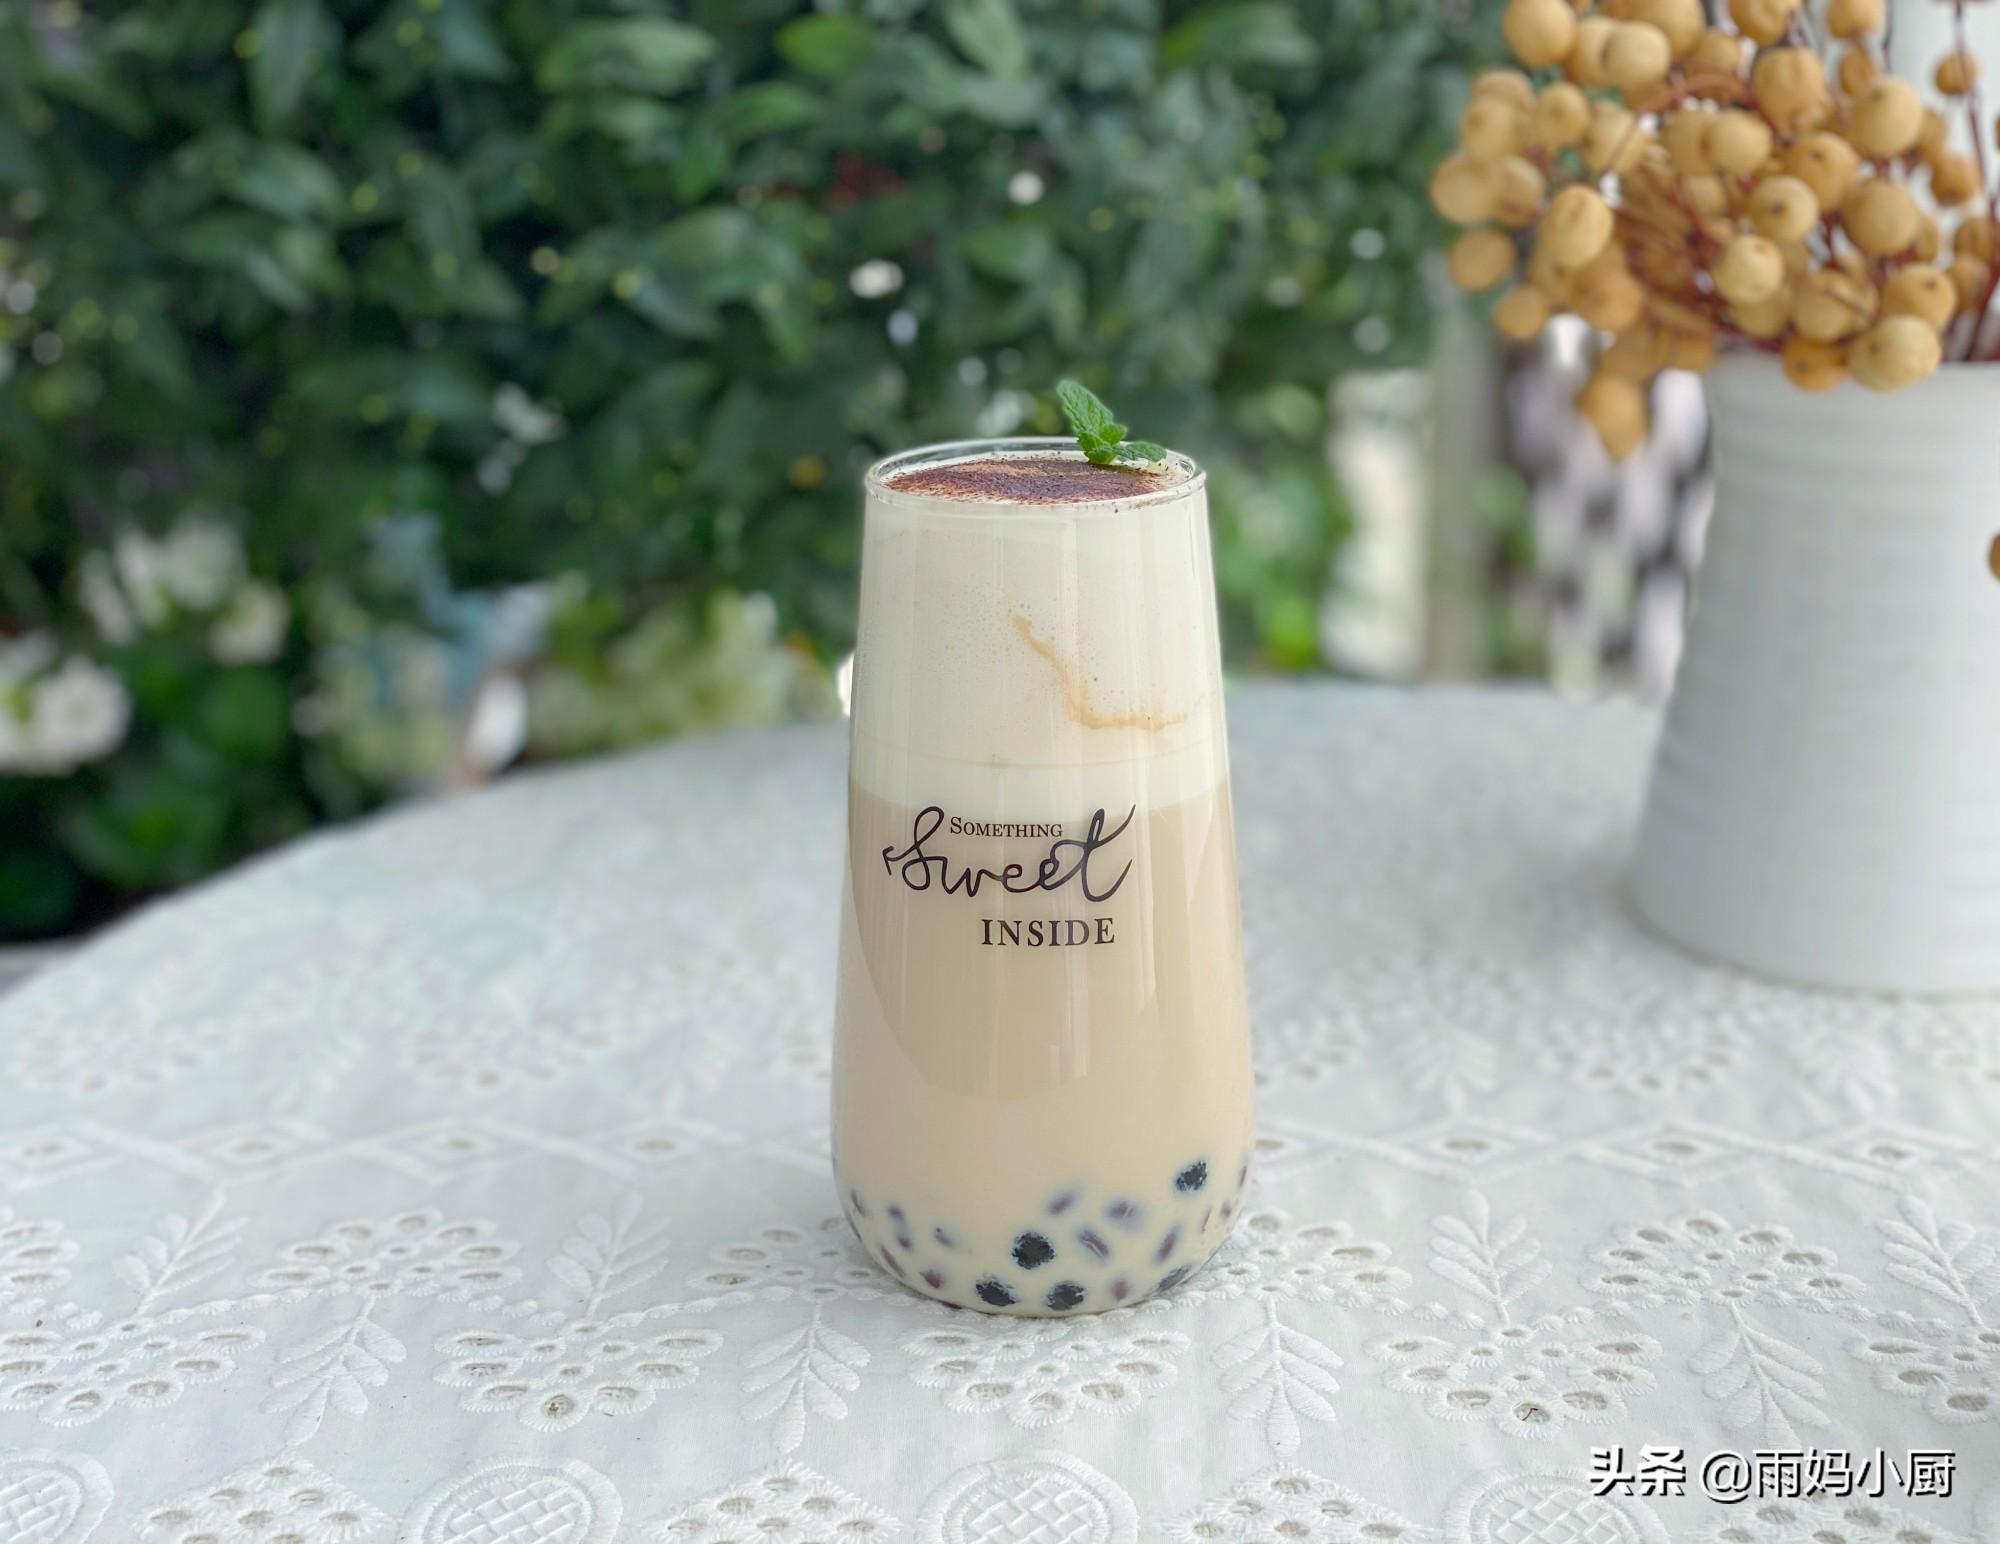 做奶茶原來這麼簡單,放入食材,十多分鐘搞定,珍珠Q彈奶茶香濃